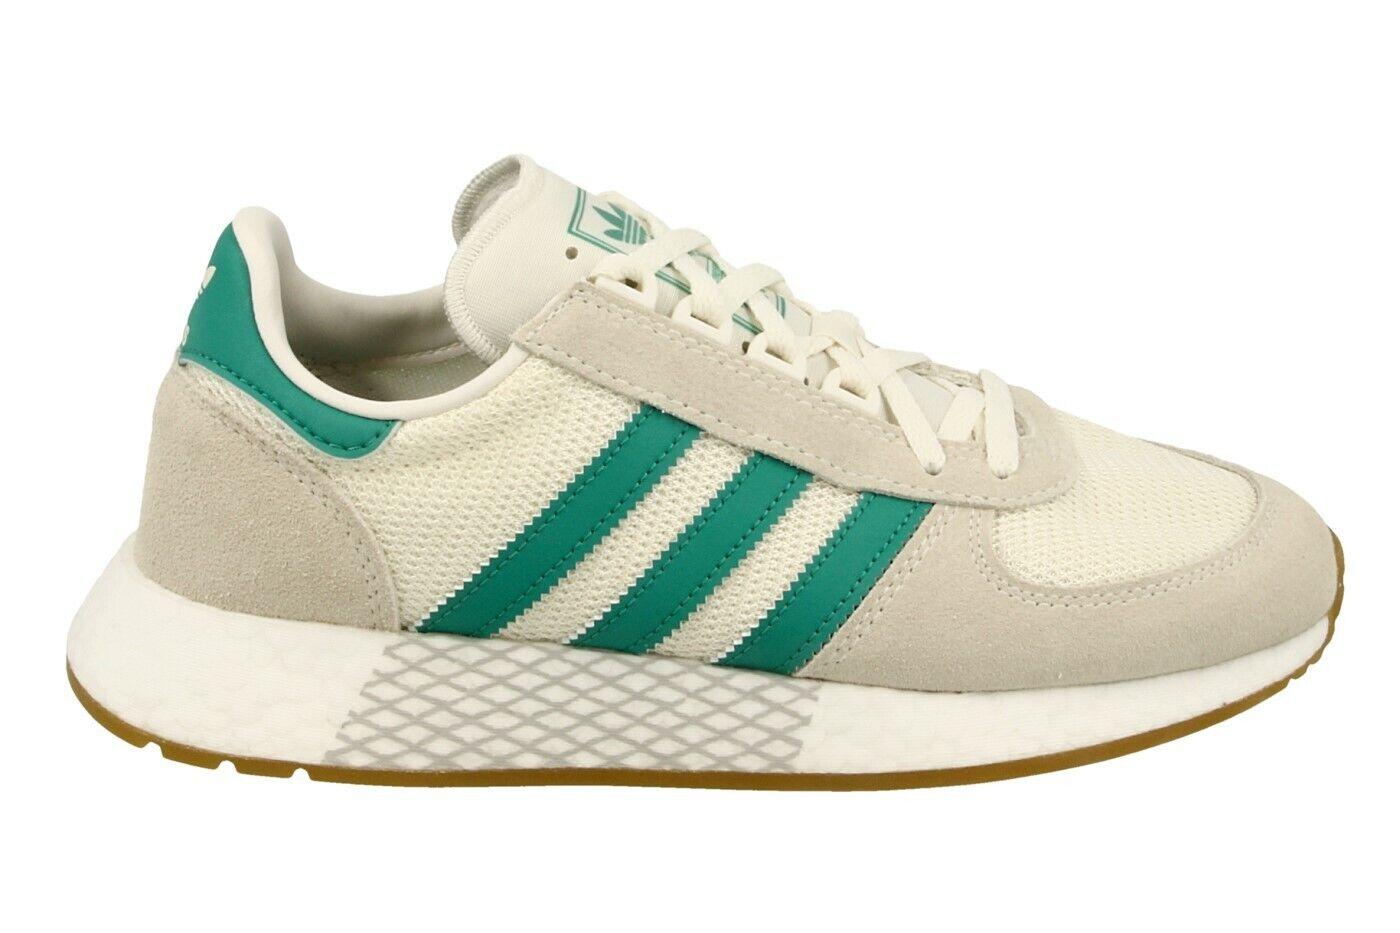 Adidas Originals Turnschuhe Marathon Tech Weiß   Grün   Braun